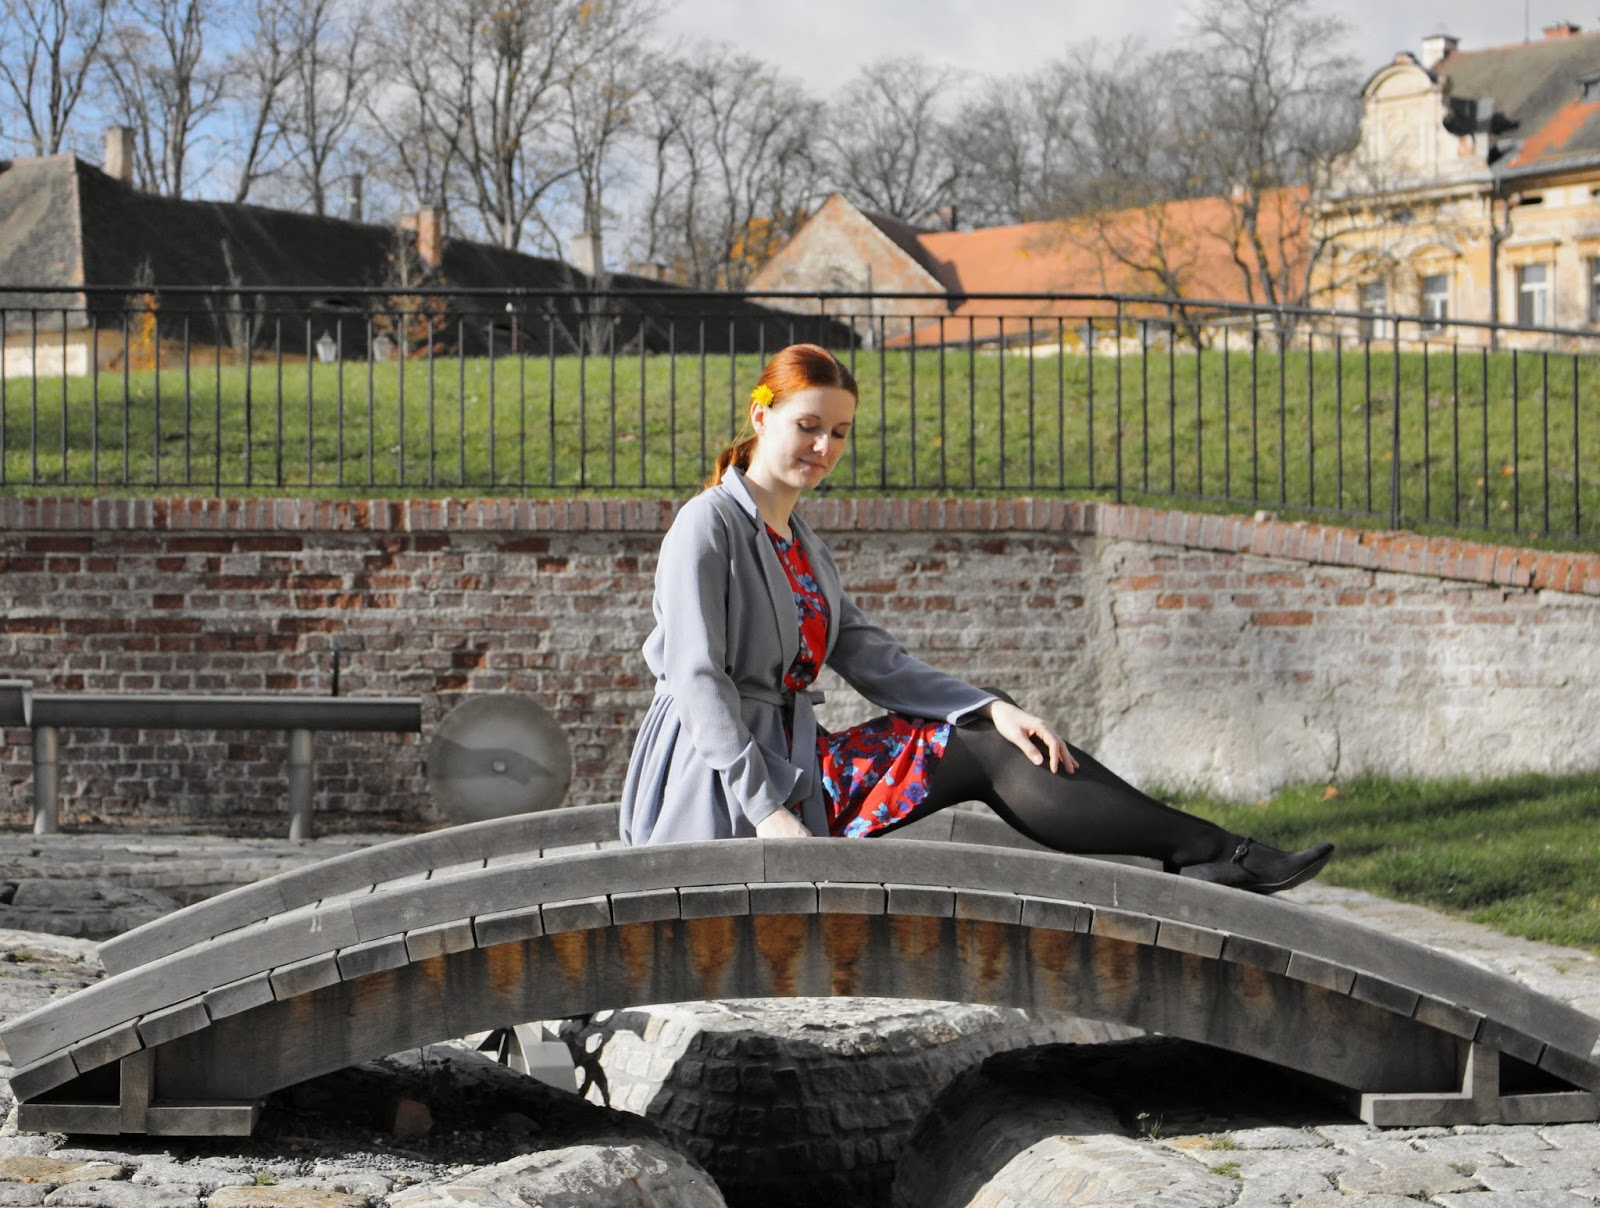 klášter teplá, lucie srbová, style without limits, česká blogerka, travel blogger